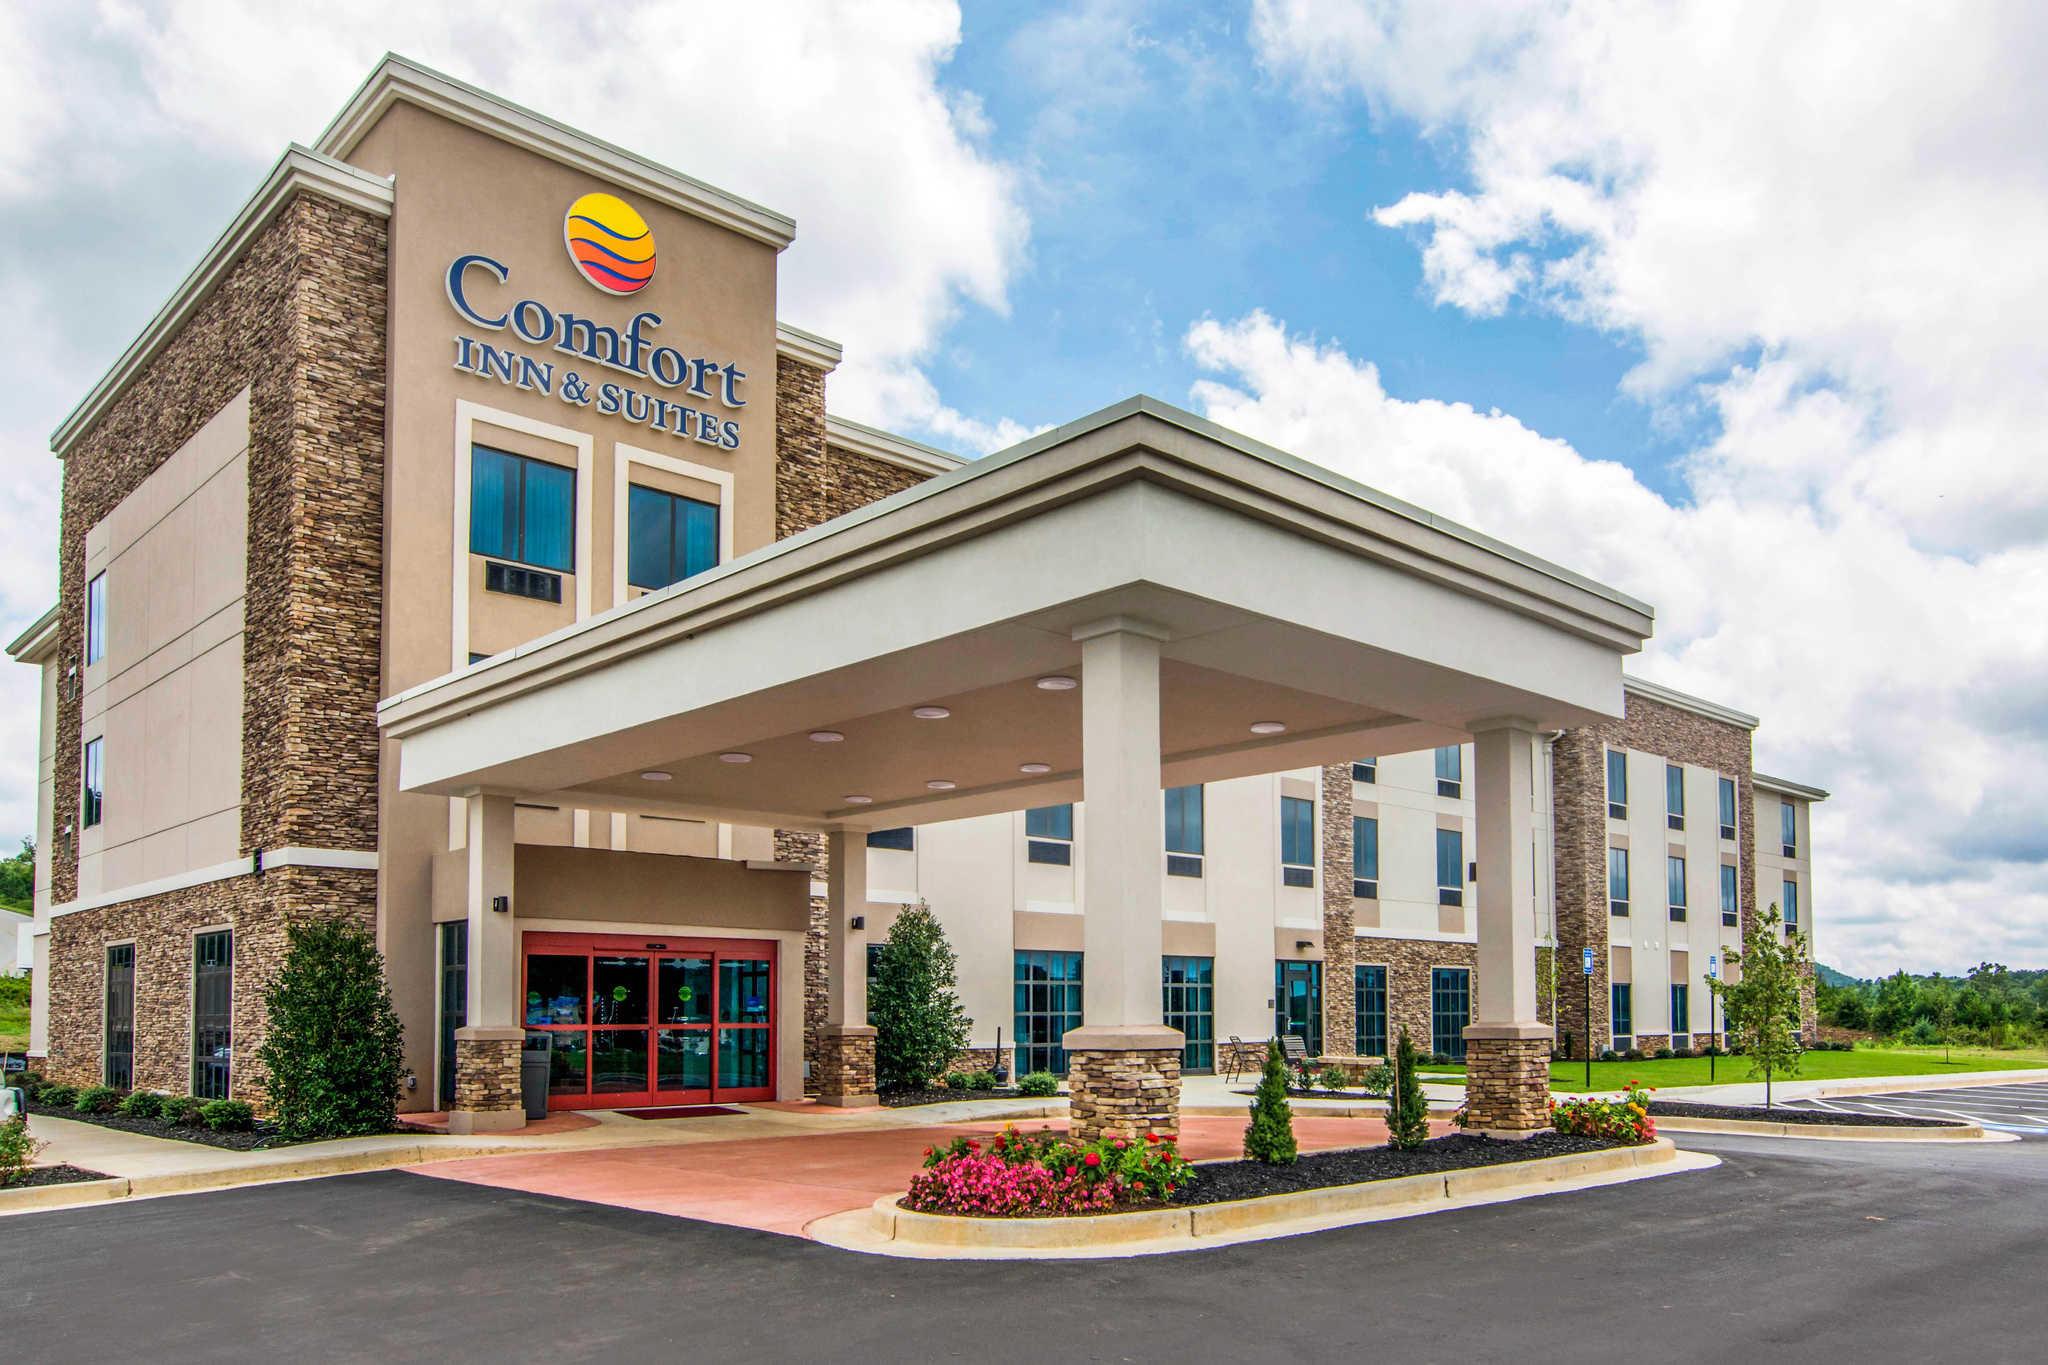 Comfort Inn  U0026 Suites  Ellijay Georgia  Ga